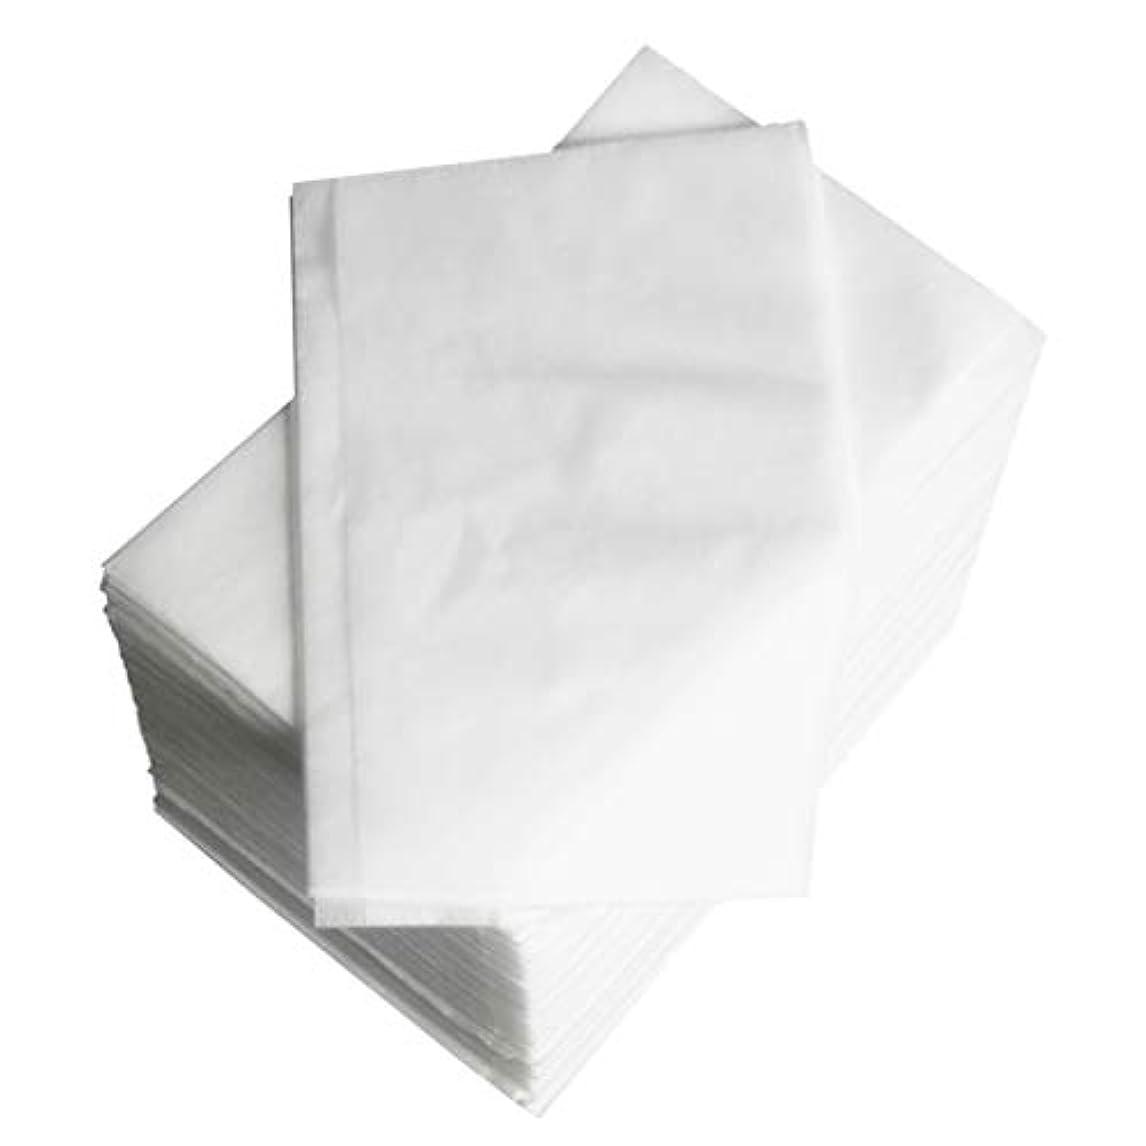 急ぐよく話されるぺディカブマッサージ テーブルカバー使い捨て 約100個入り 全2カラー - 白